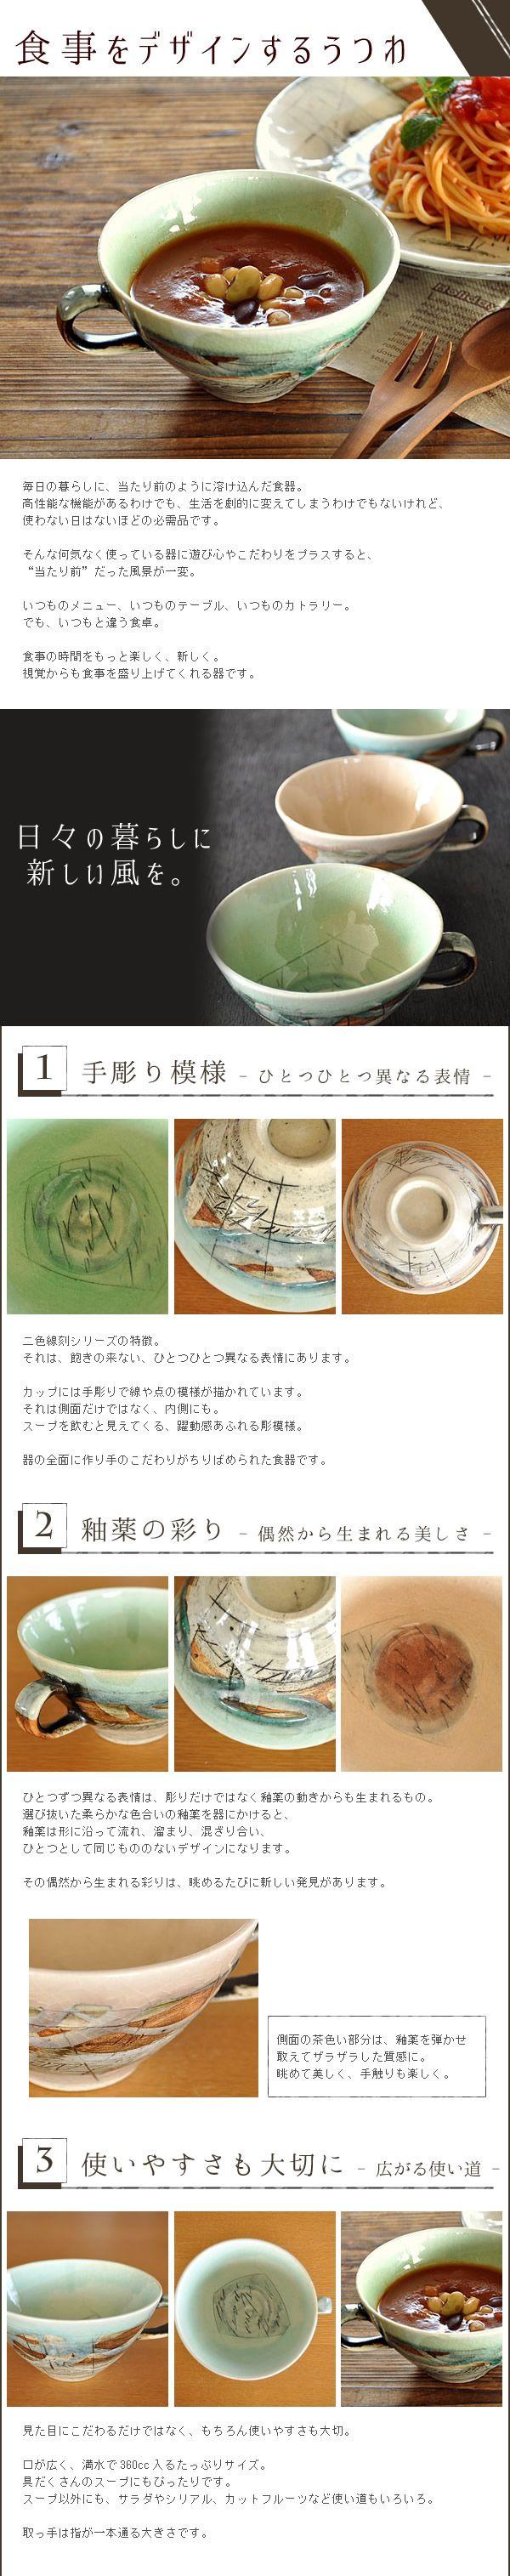 【楽天市場】和食器 二色線刻スープカップ【美濃焼/鶴琳窯/食器/訳あり/通販/器/アウトレット込み/スープカップ】:白い食器のお店M'home style